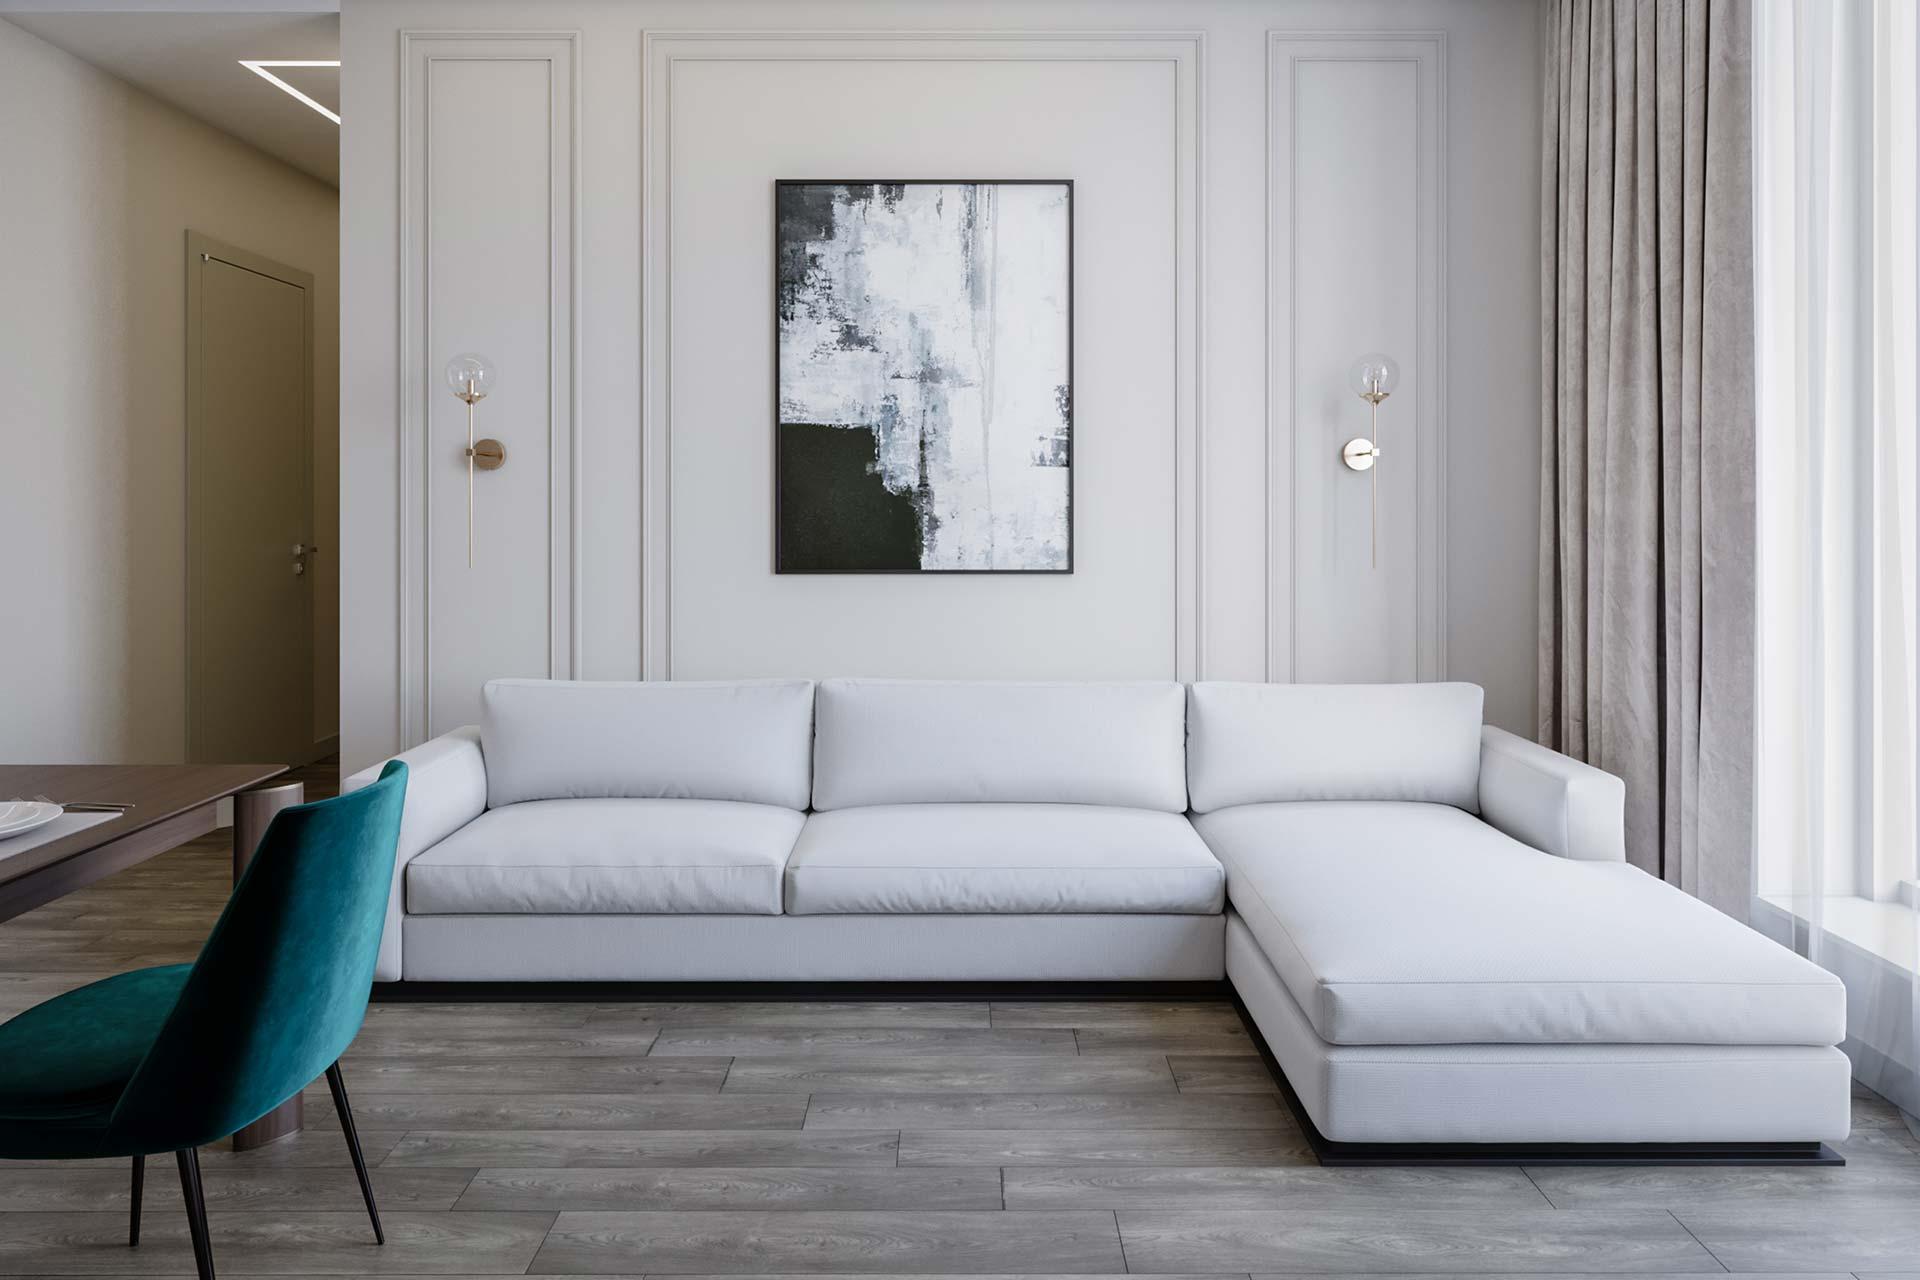 Дизайн интерьера квартиры в ЖК Новочеремушкинская 17